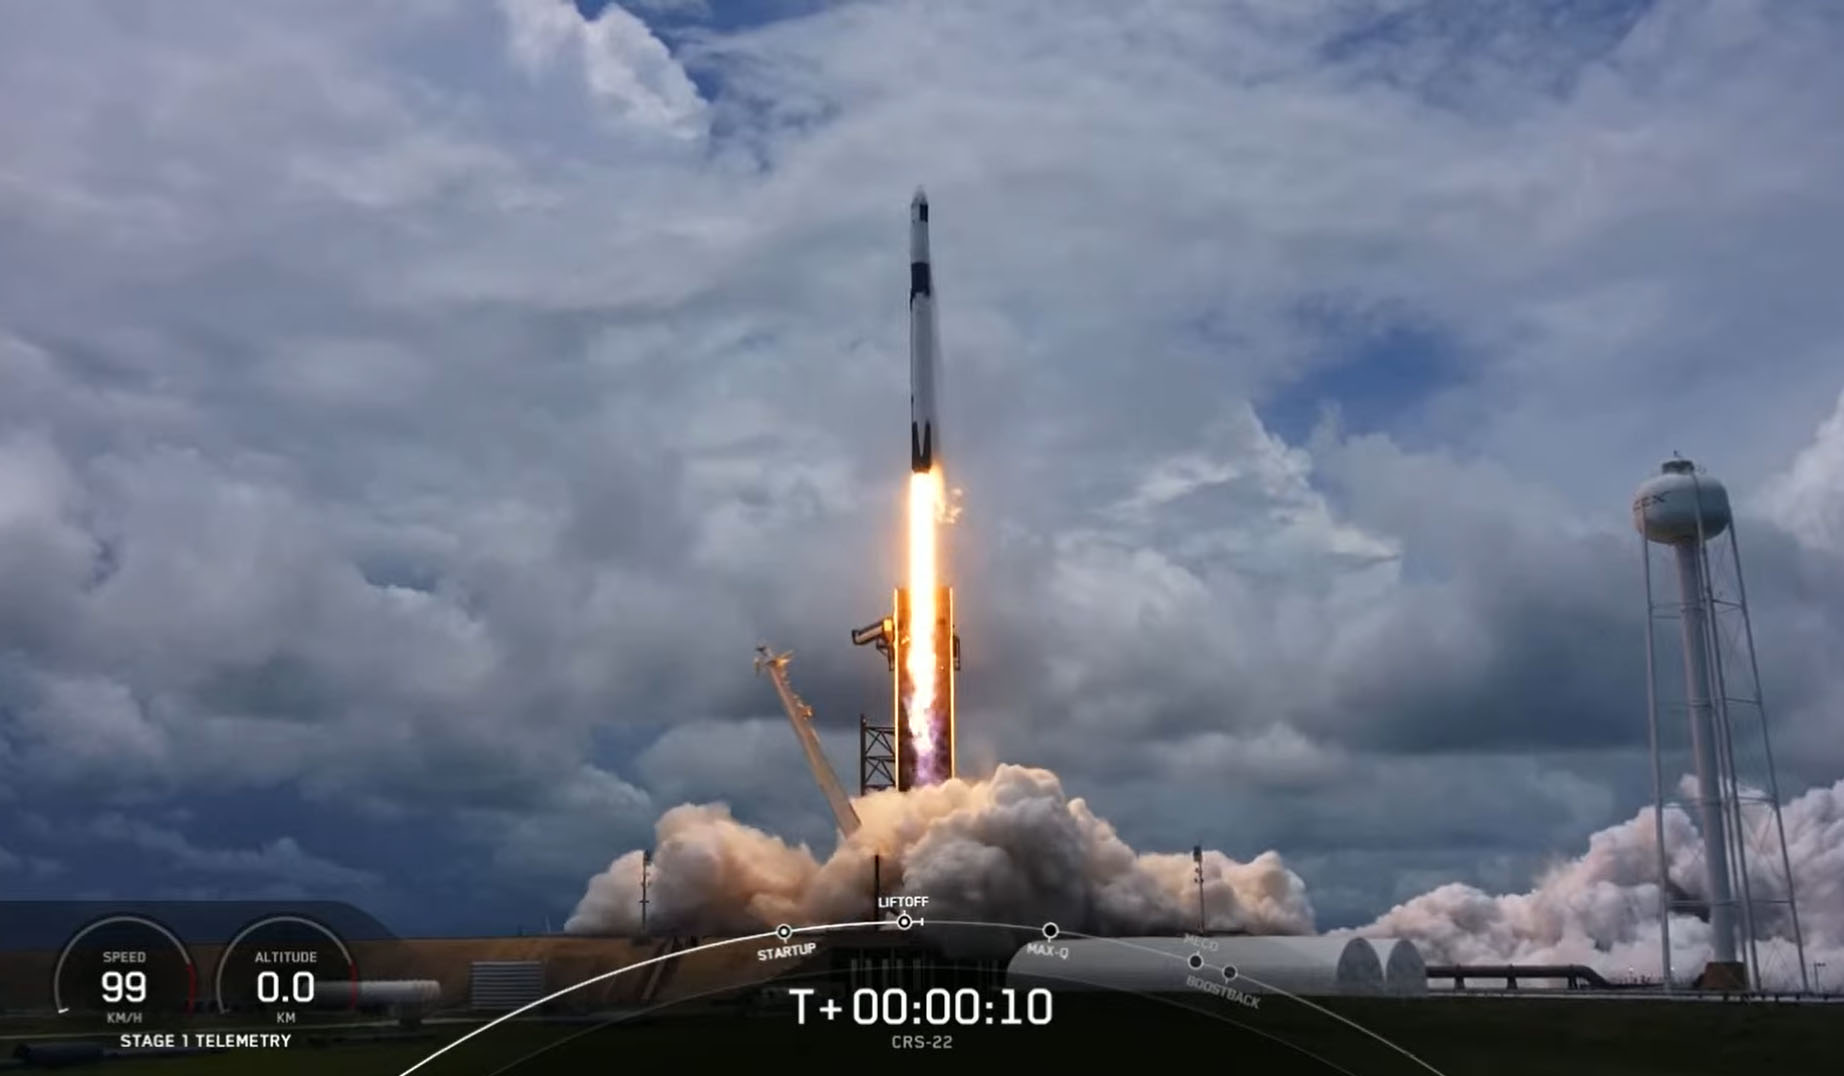 Une fusée SpaceX Falcon 9 transportant le cargo Dragon CRS-22 pour la NASA se lance vers la Station spatiale internationale depuis le Pad 39A du Kennedy Space Center à Cap Canaveral, en Floride, le 3 juin 2021.